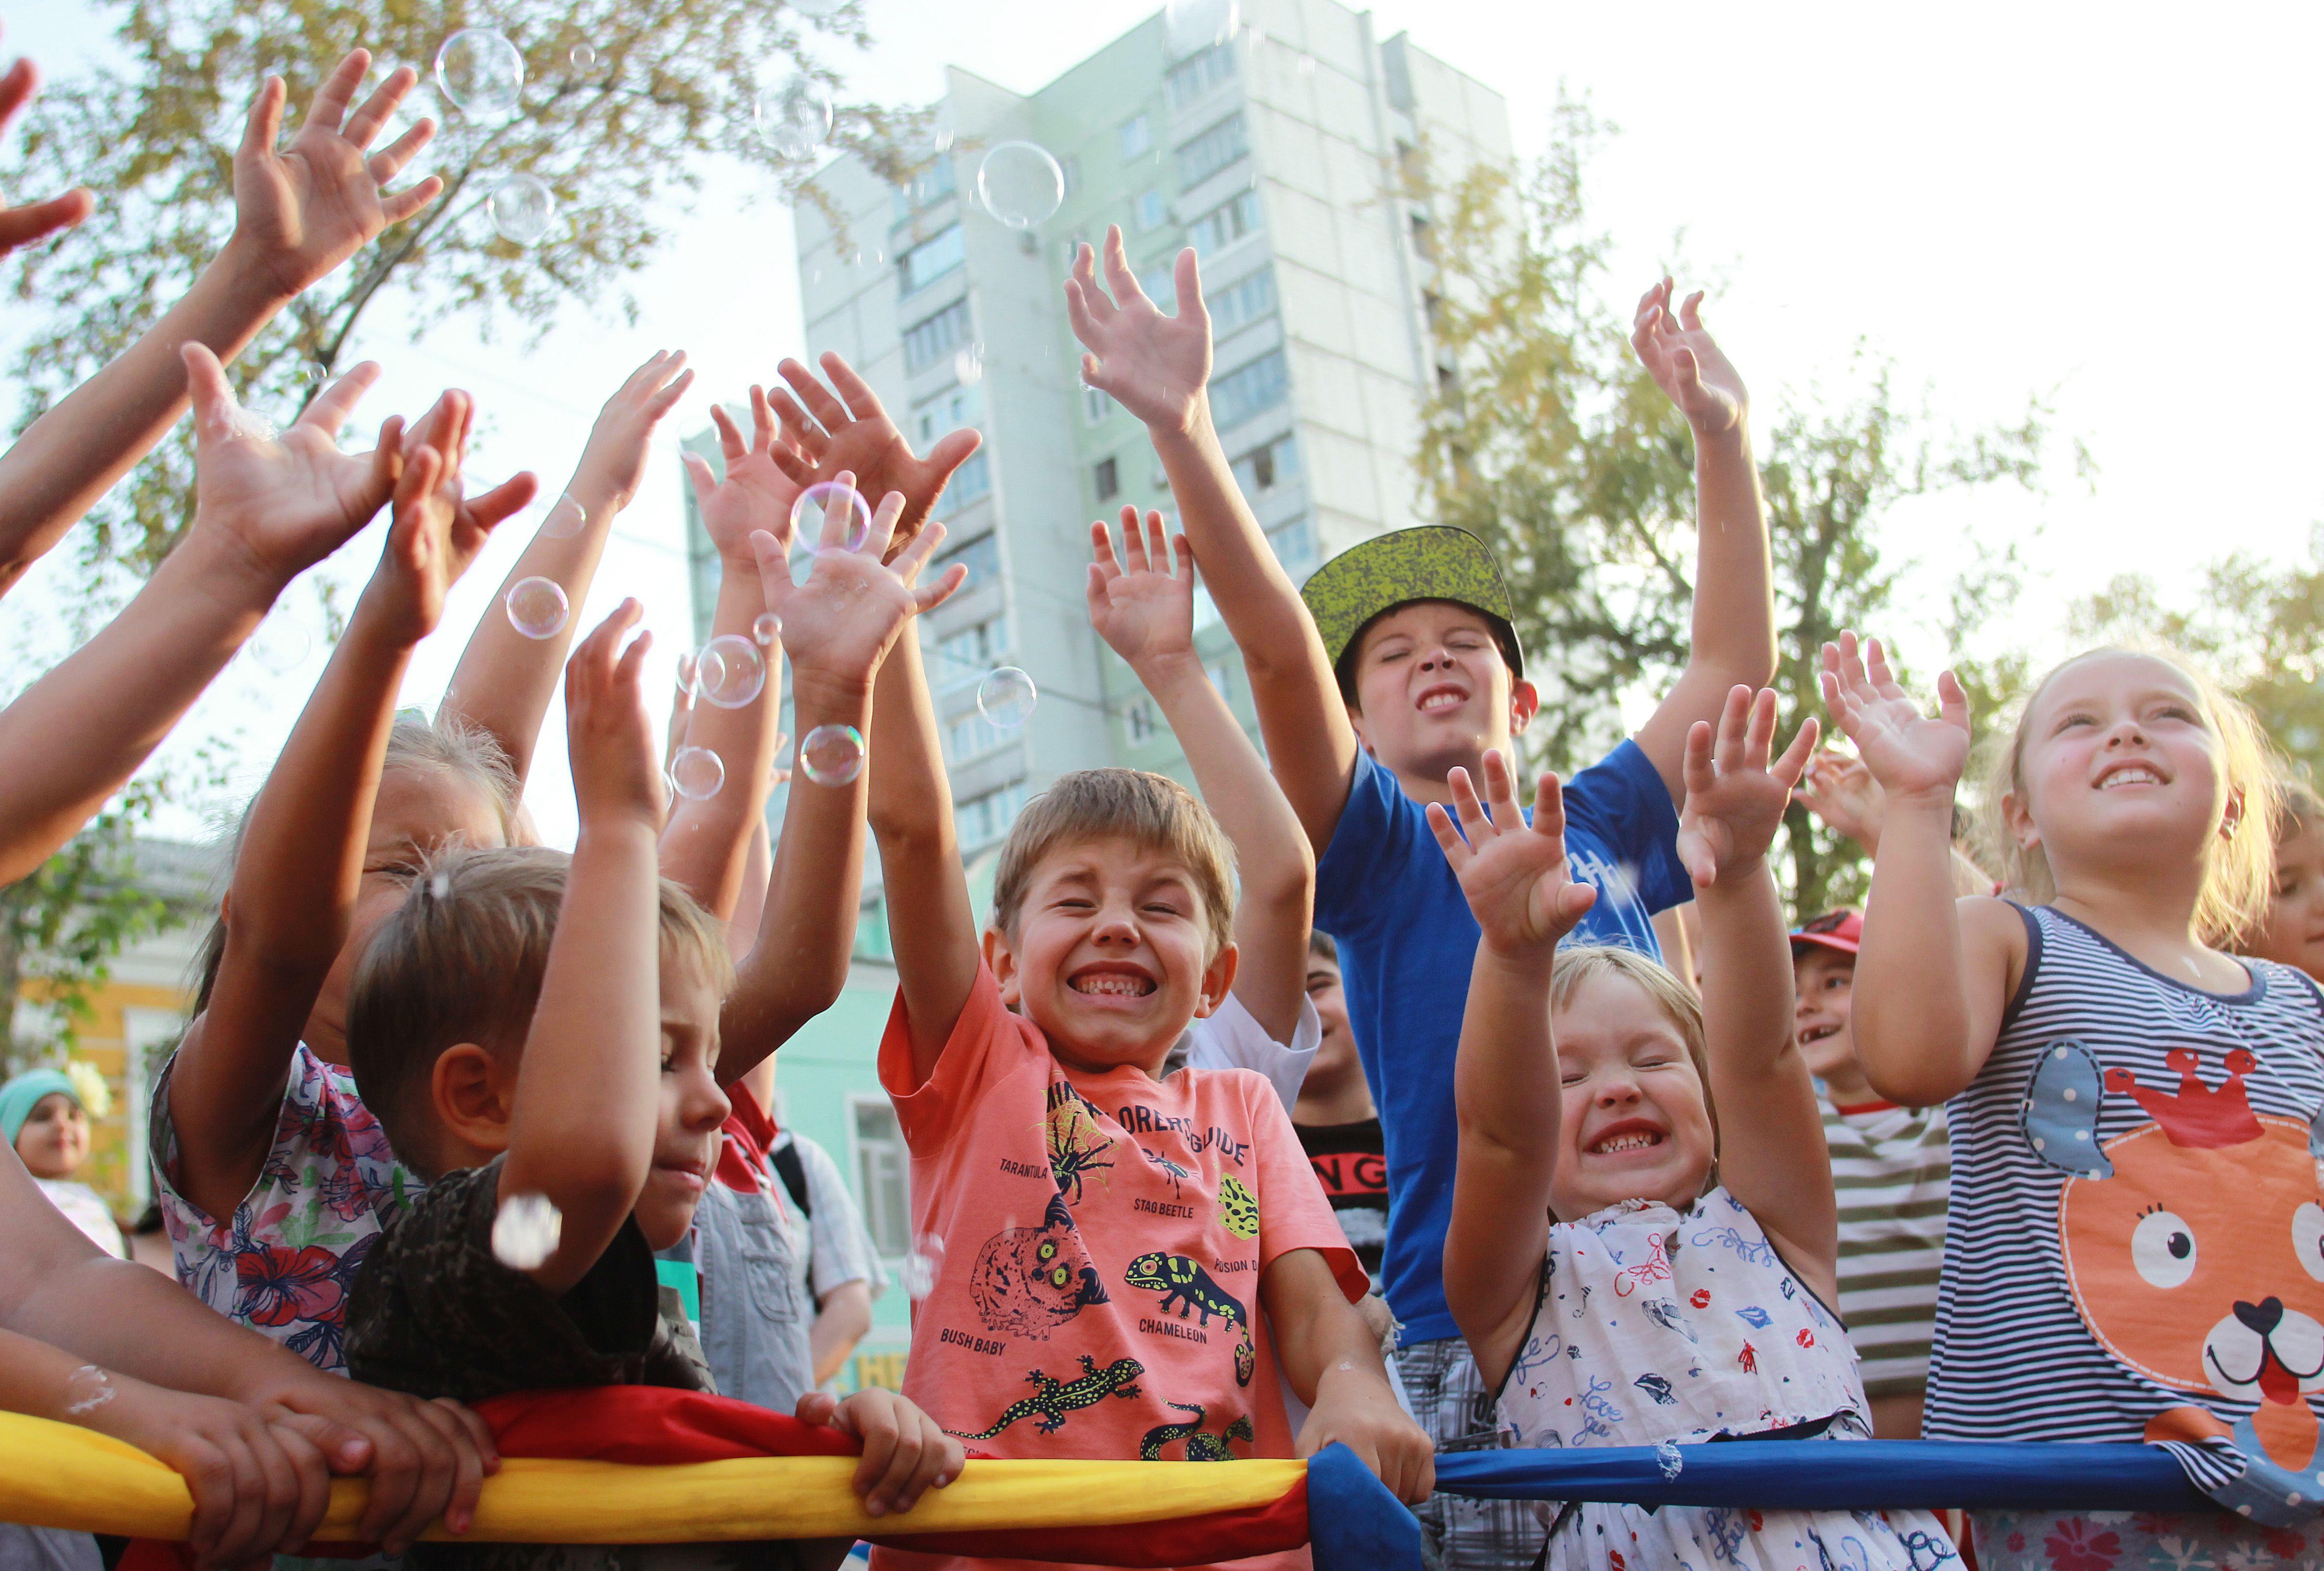 Детское мероприятие организуют в Михайлово-Ярцевском